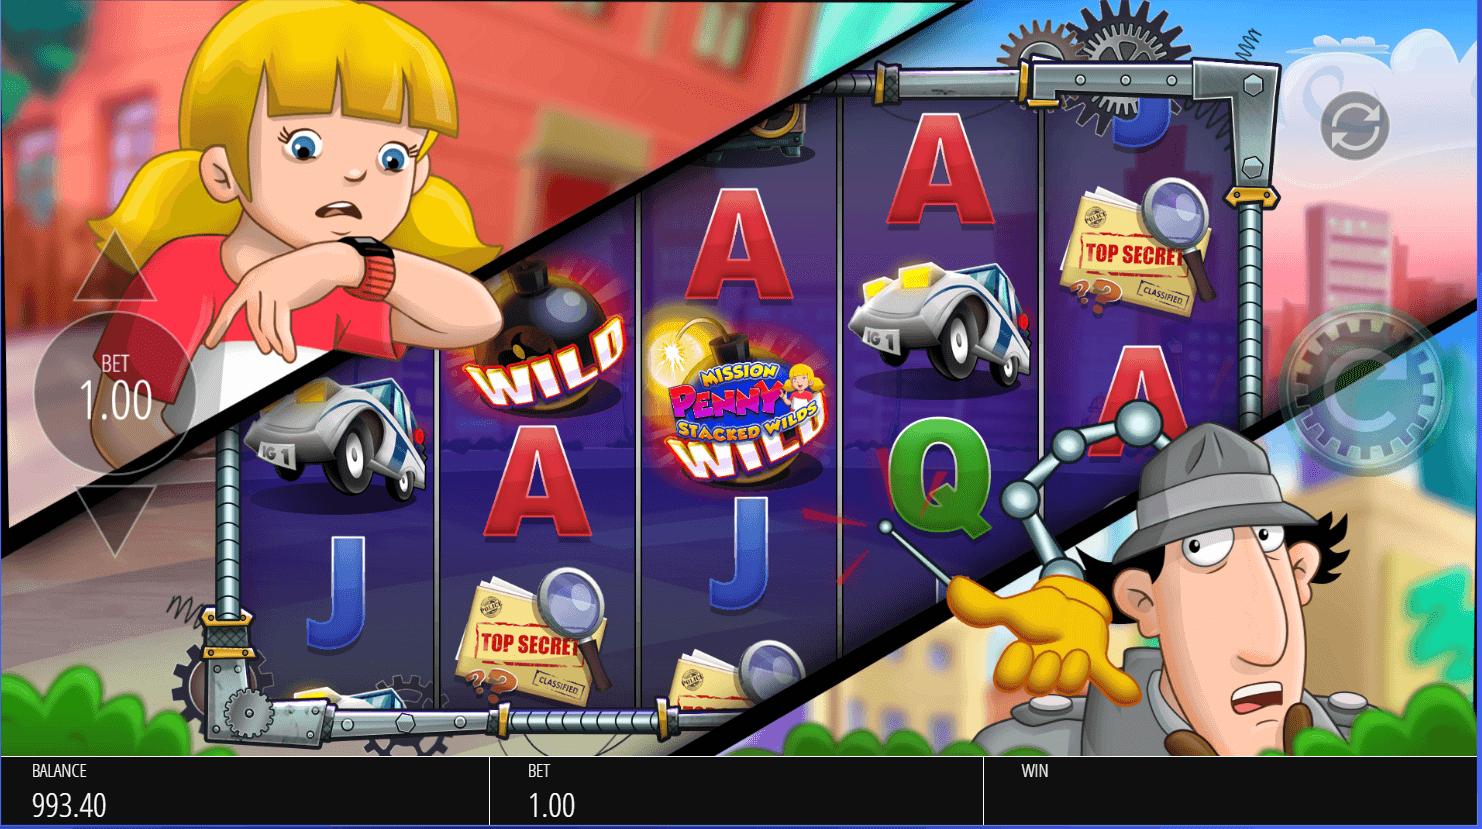 Blueprint - inspector gadget - go go gadget spin - casinogroundsdotcom